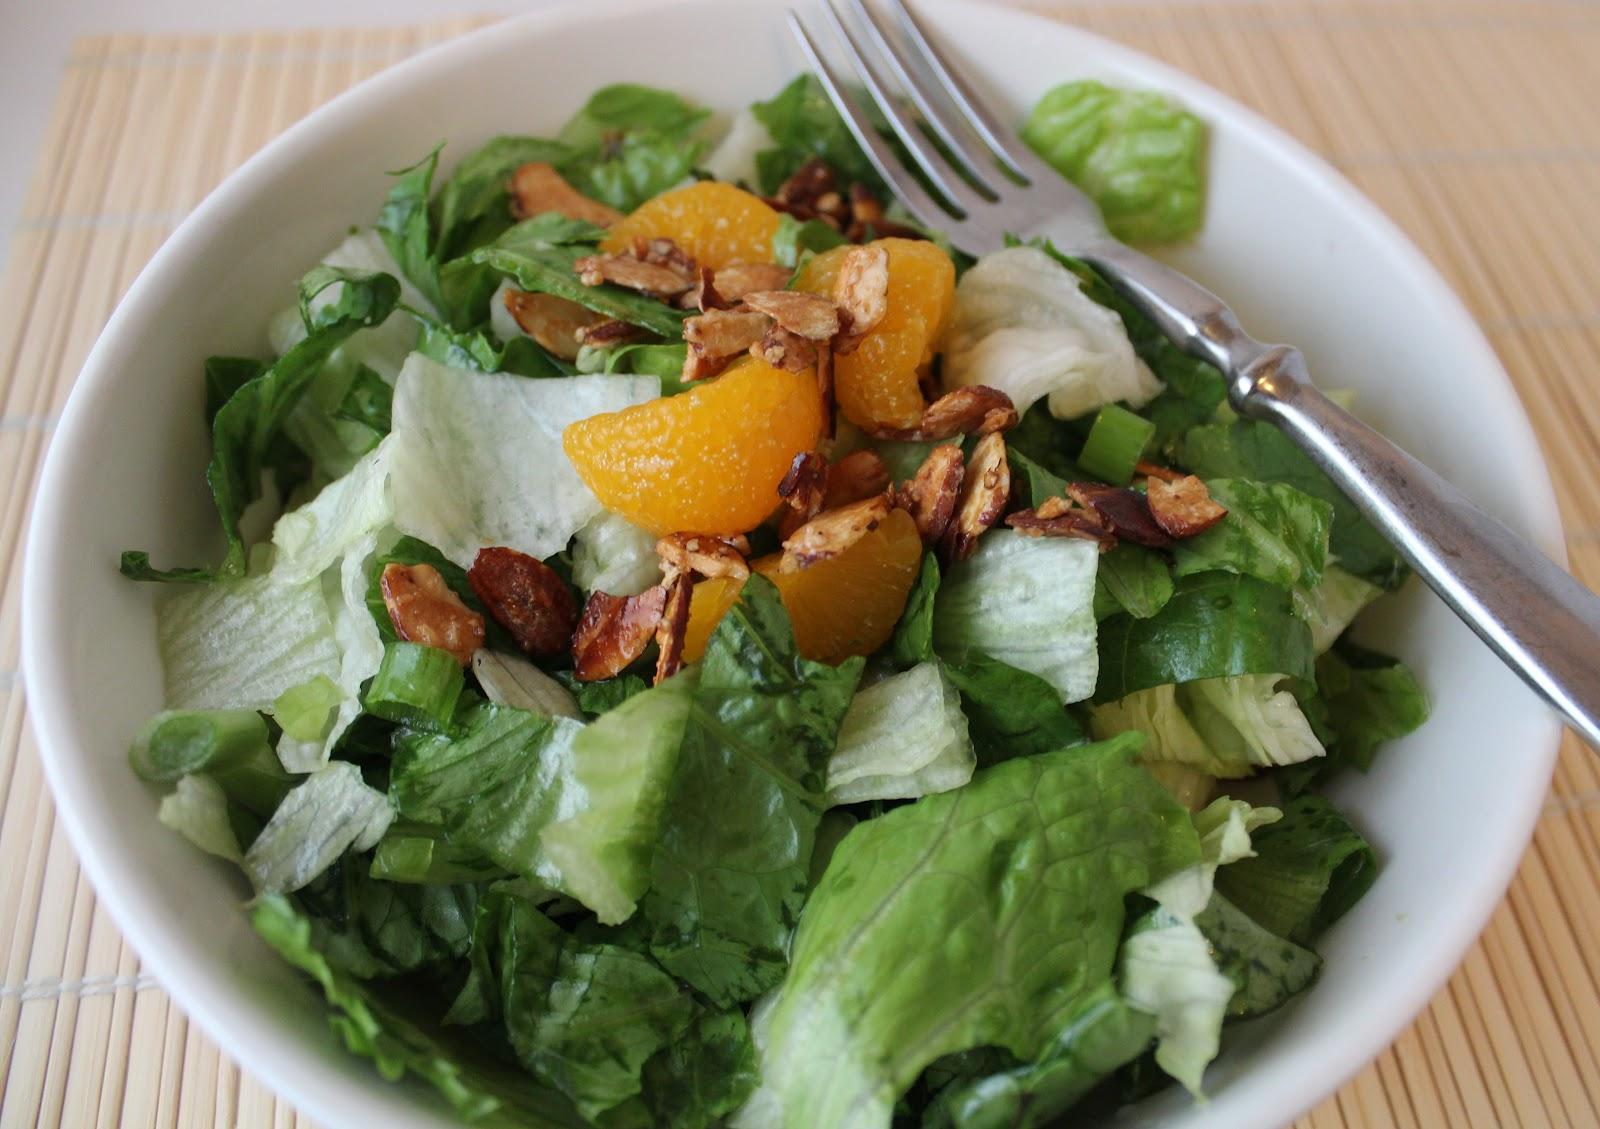 romaine lettuce with mandarin oranges salad